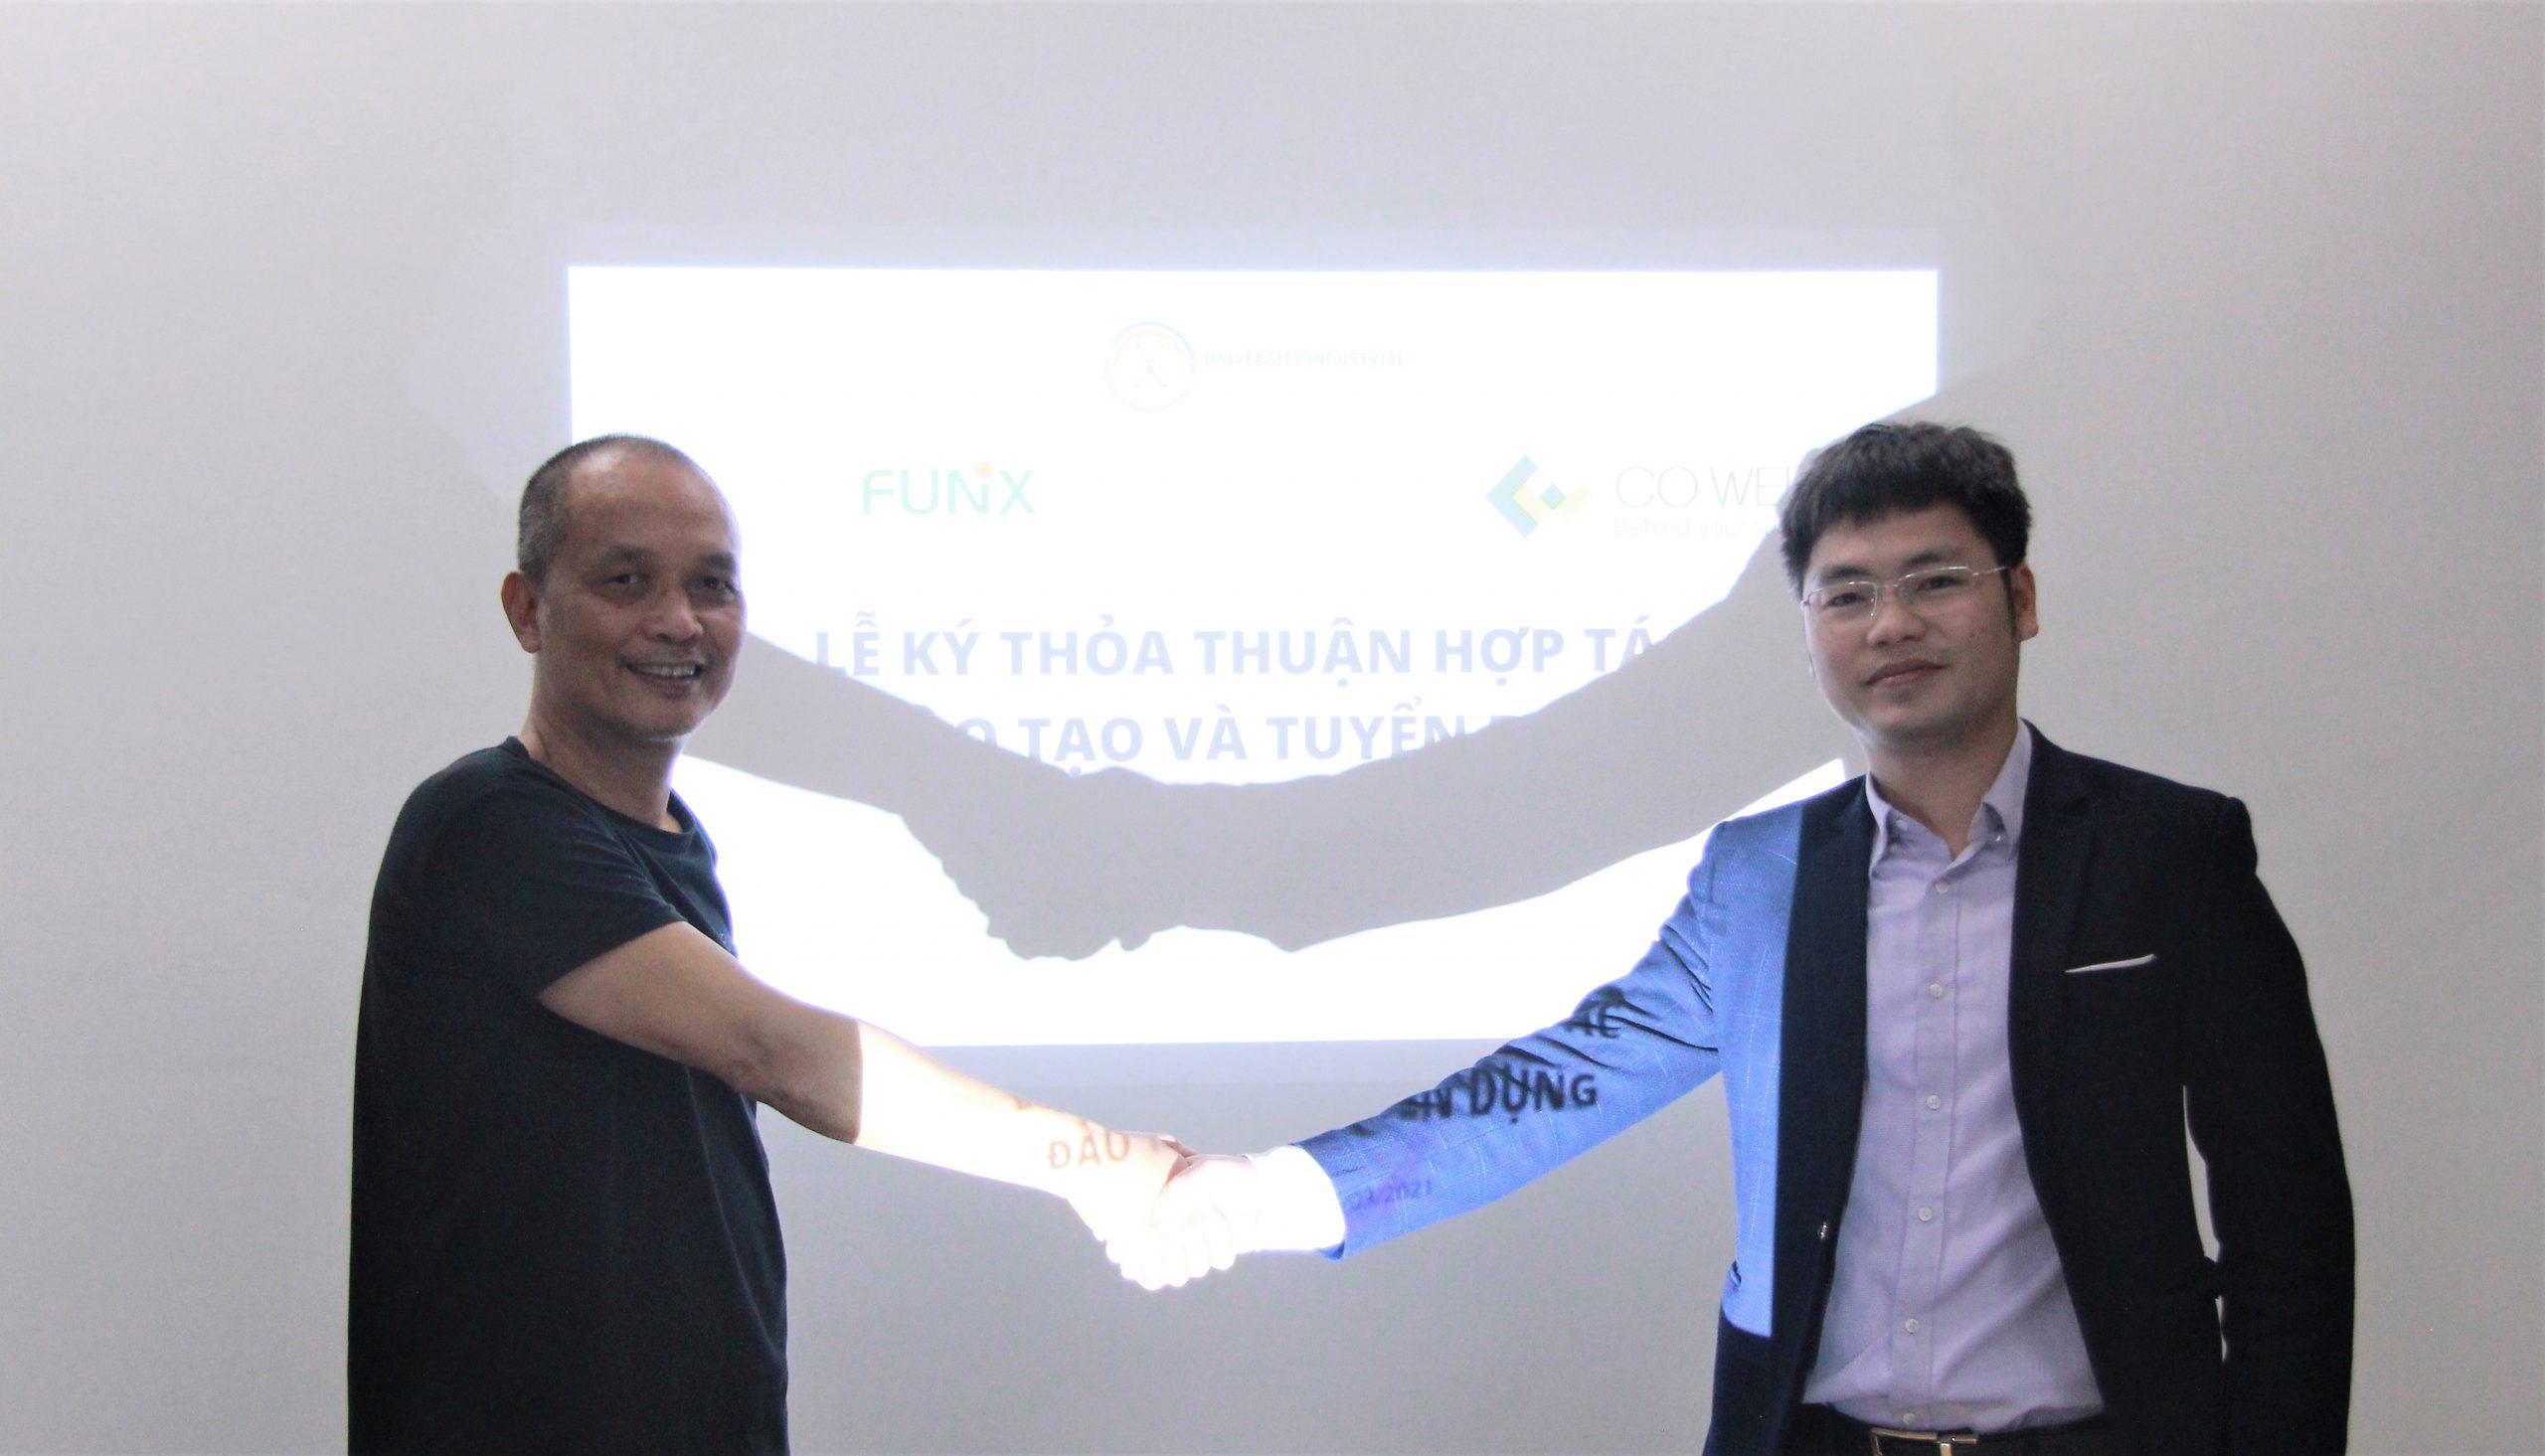 CO-WELL Asia – FUNiX ký thỏa thuận hợp tác chiến lược về đào tạo và tuyển dụng